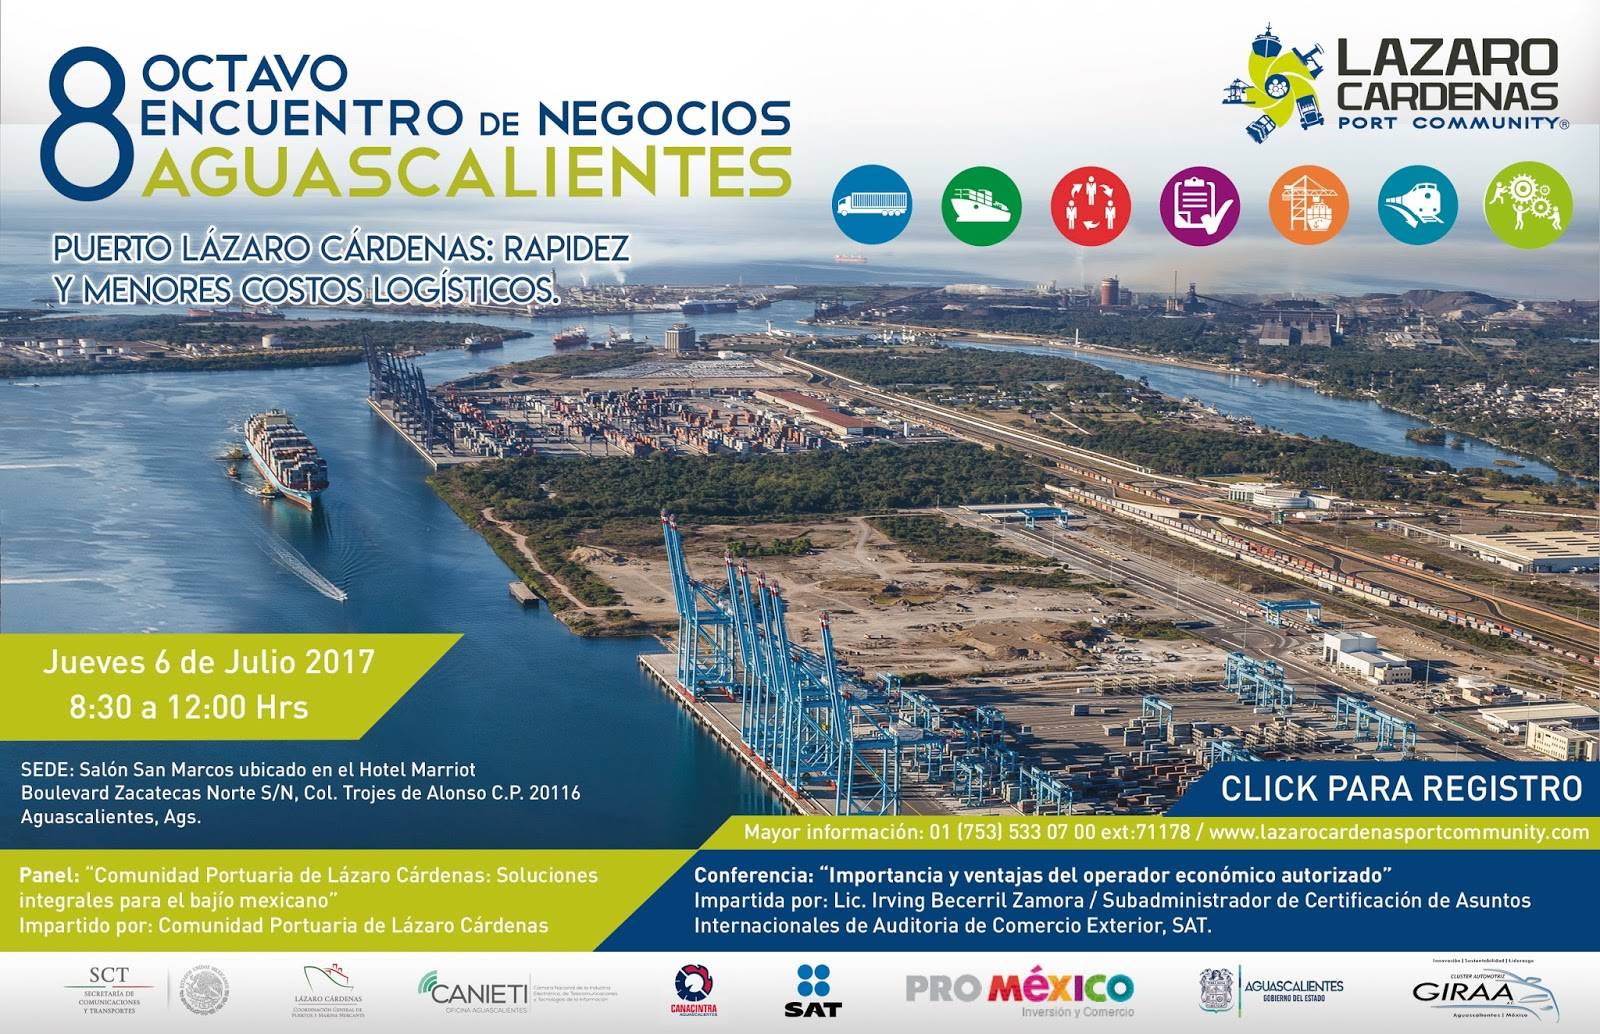 Puerto Lázaro Cárdenas Realizará 8 Encuentro